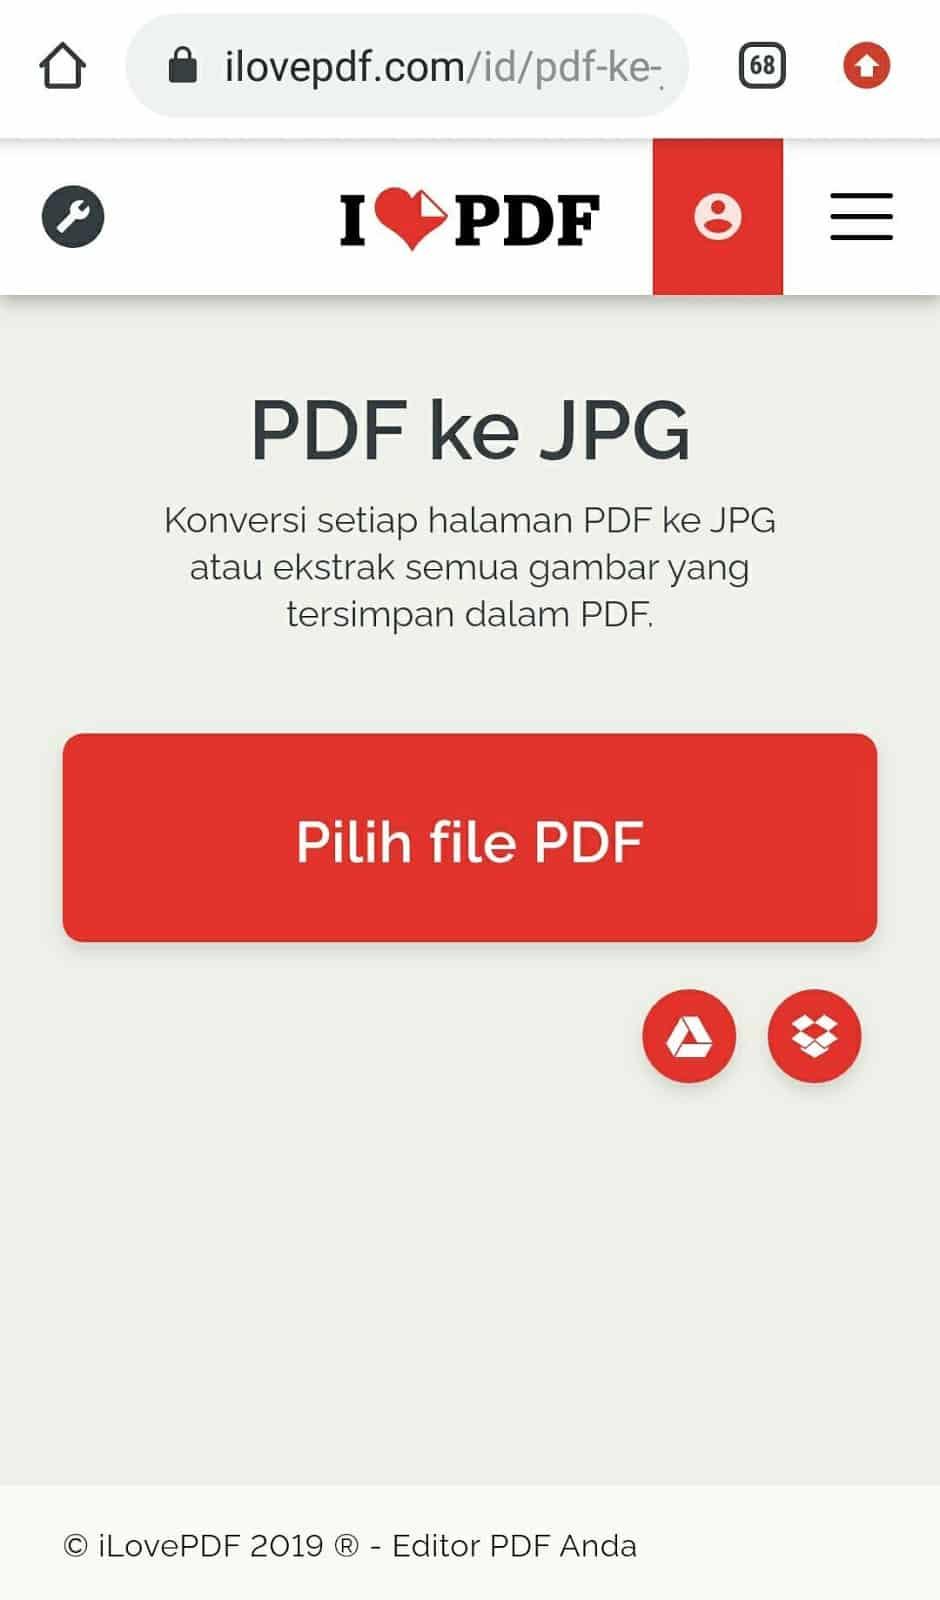 Setelah-itu-Anda-dapat-mengunggah-file-PDF-yang-ingin-Anda-ubah-ke-format-file-JPG-dengan-cara-mengklik-Pilih-File